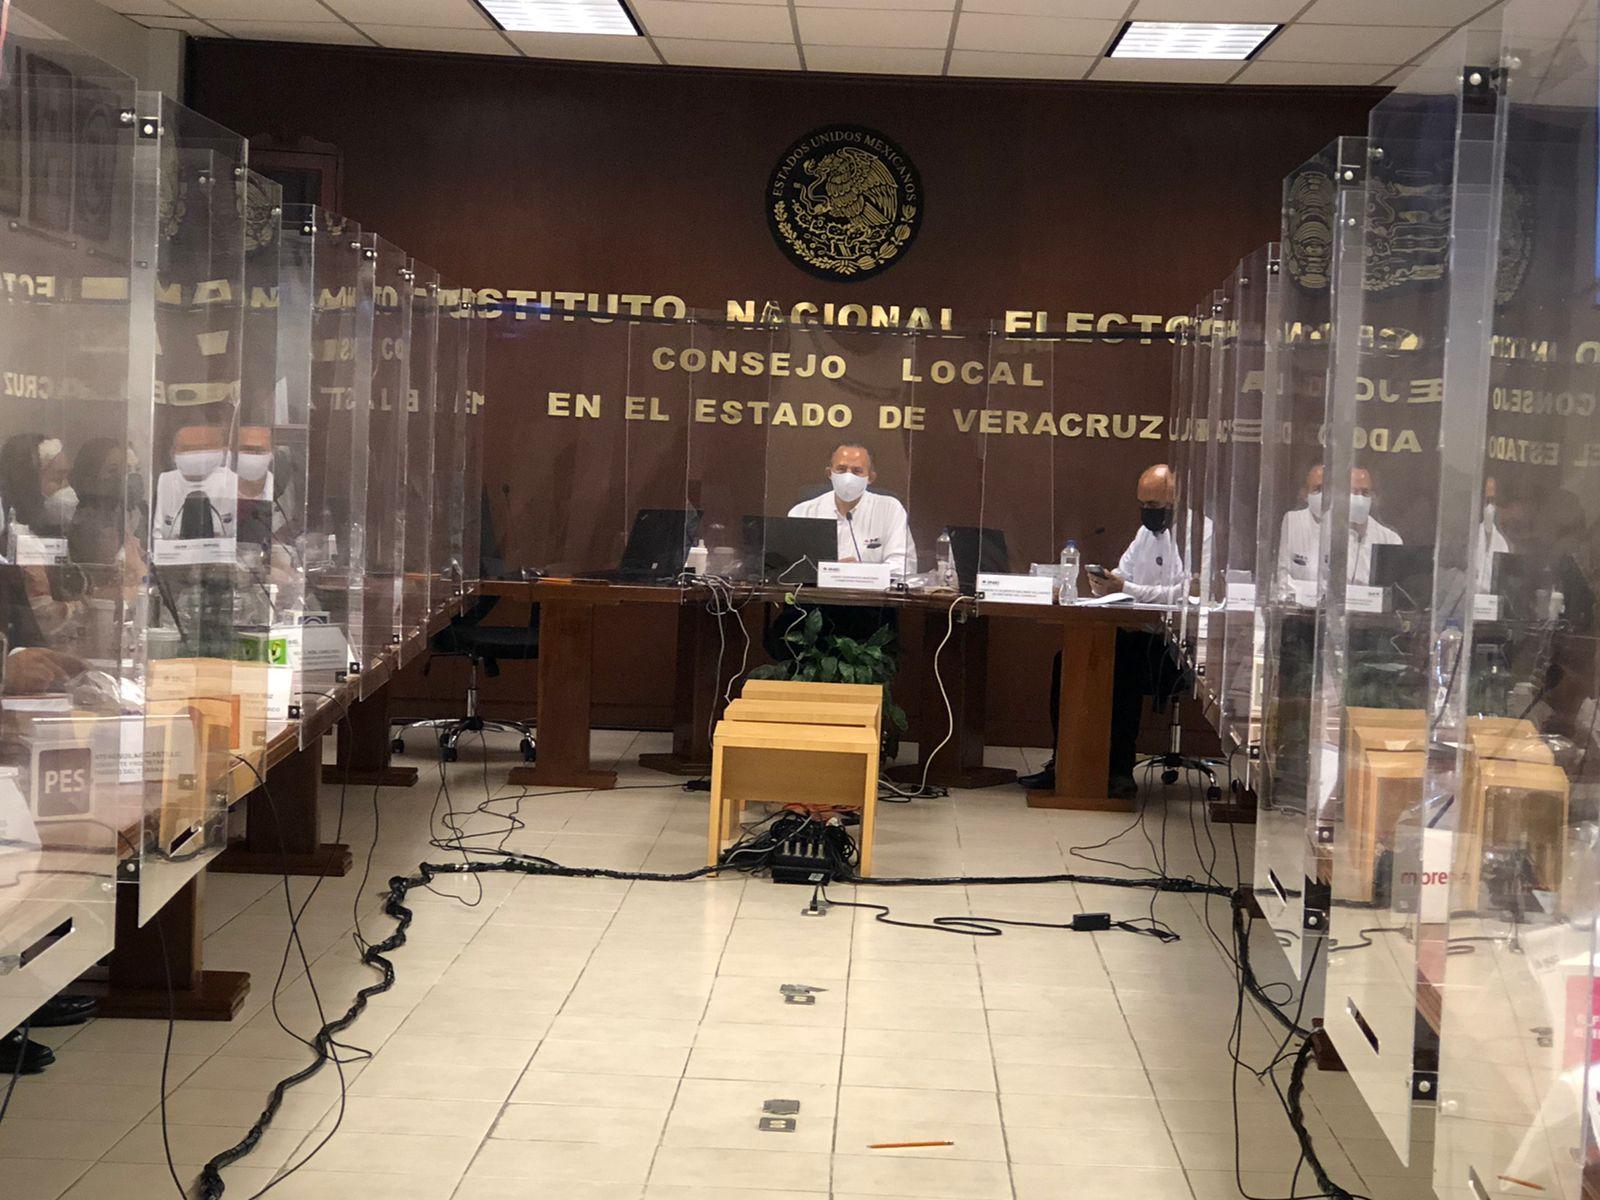 Hay condiciones para salir a votar libre de toda presión, coacción y de contagio de Covid: INE Veracruz